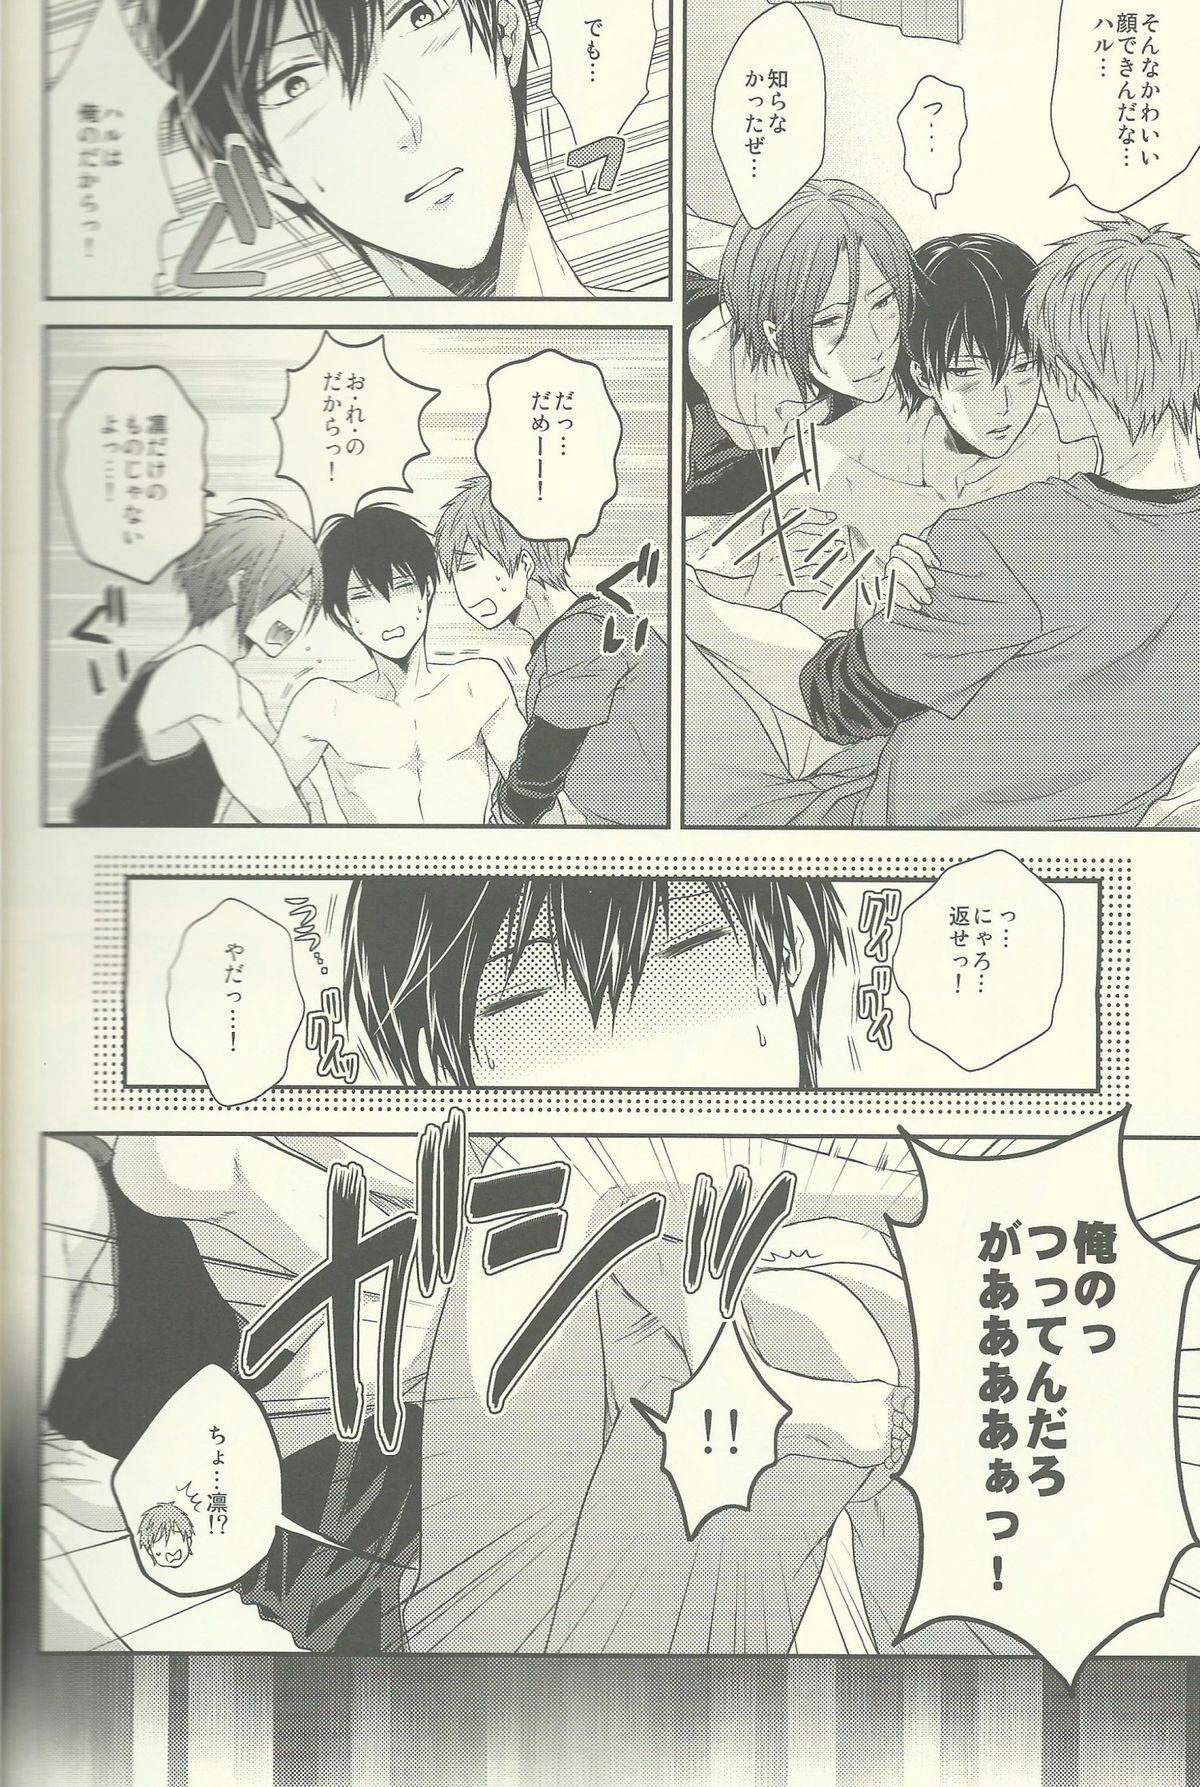 Yurushite Warui Iruka-chan 14